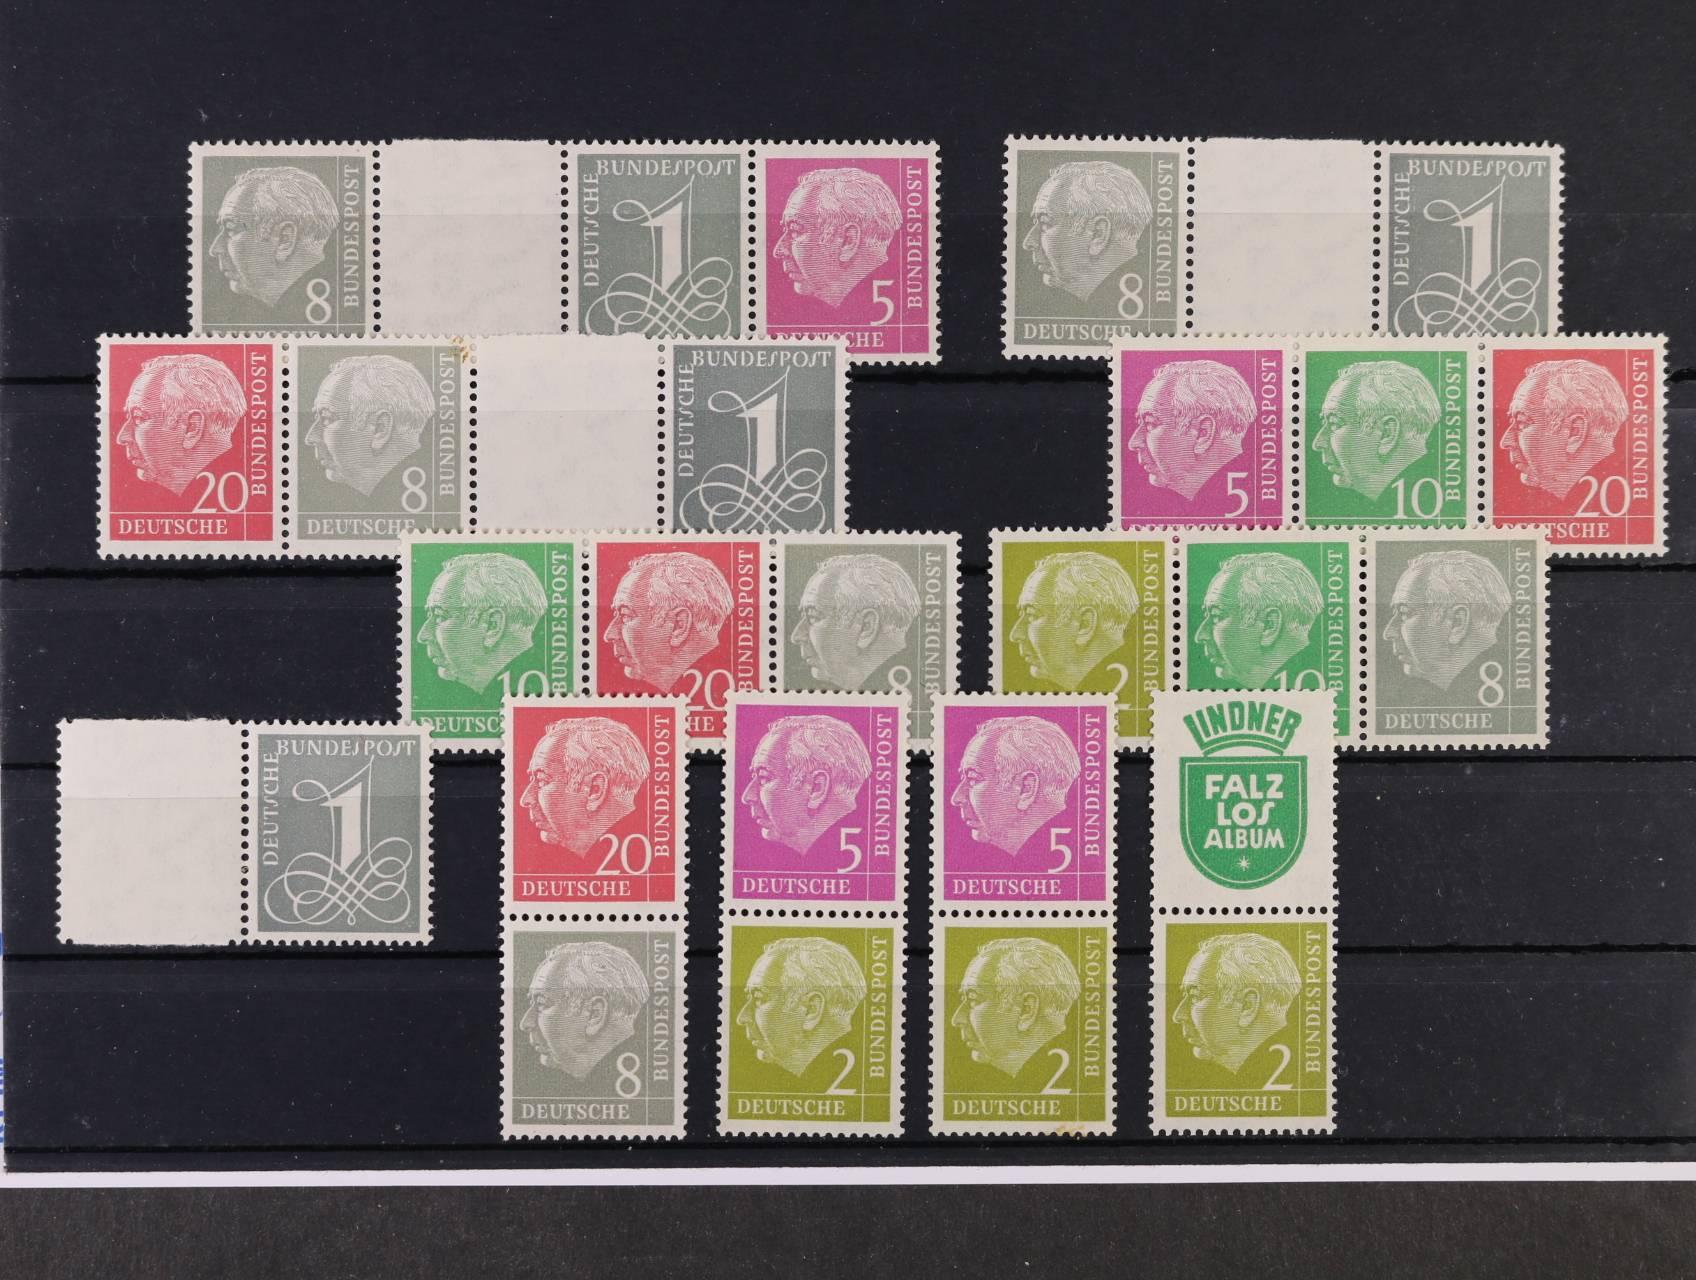 zn. č. Mi. 177, 179, 182, 183, 185 v soutiscích pro sešitková vydání S 37, V 13, VZ 15, cca 100 EUR